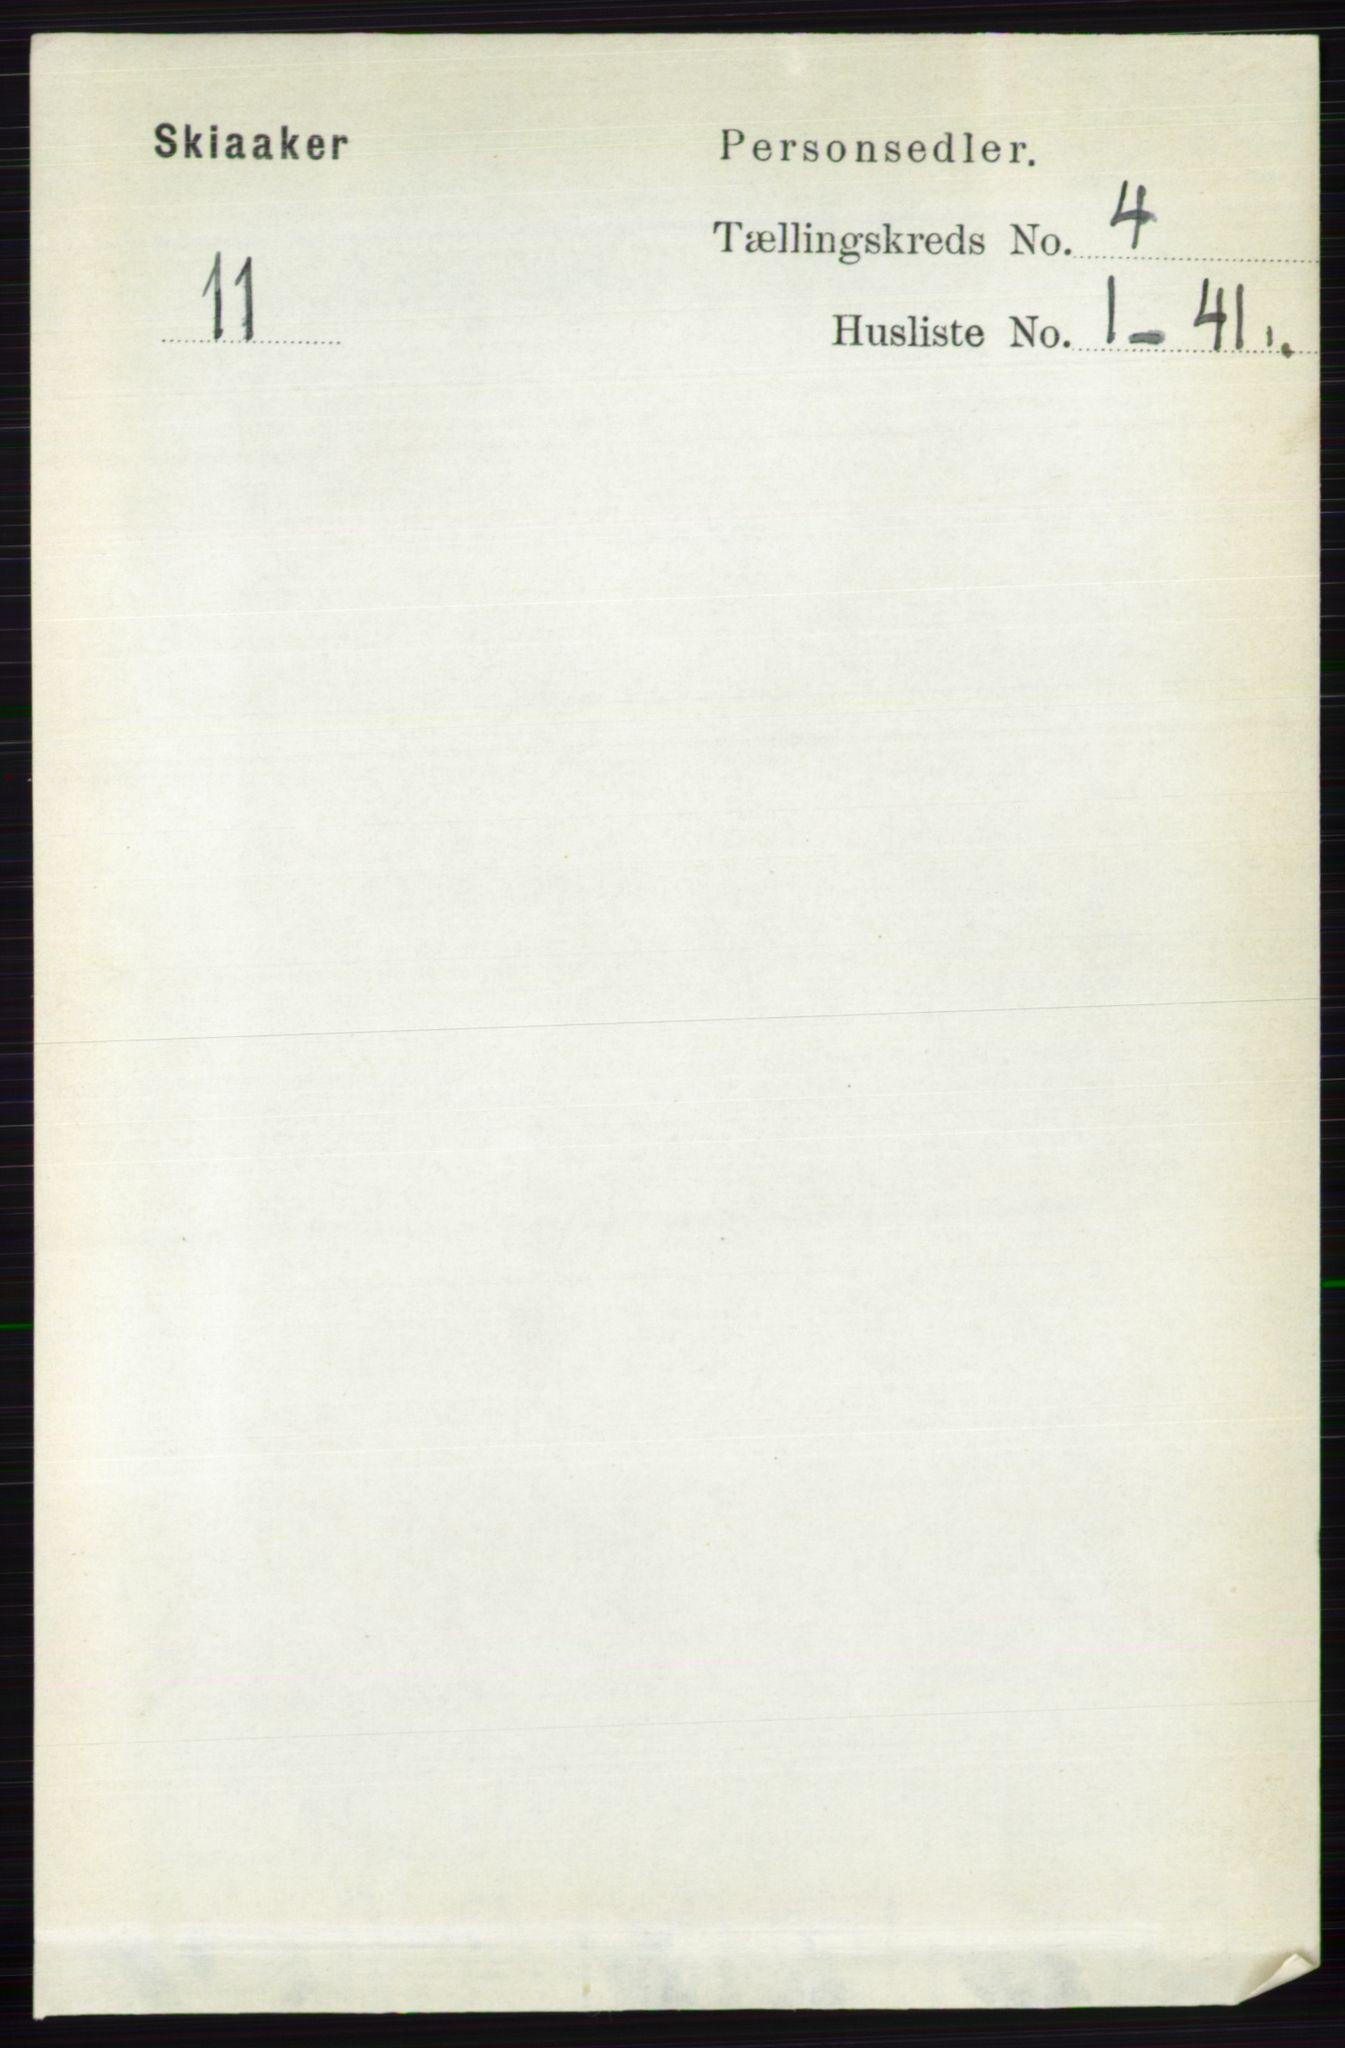 RA, Folketelling 1891 for 0513 Skjåk herred, 1891, s. 1338